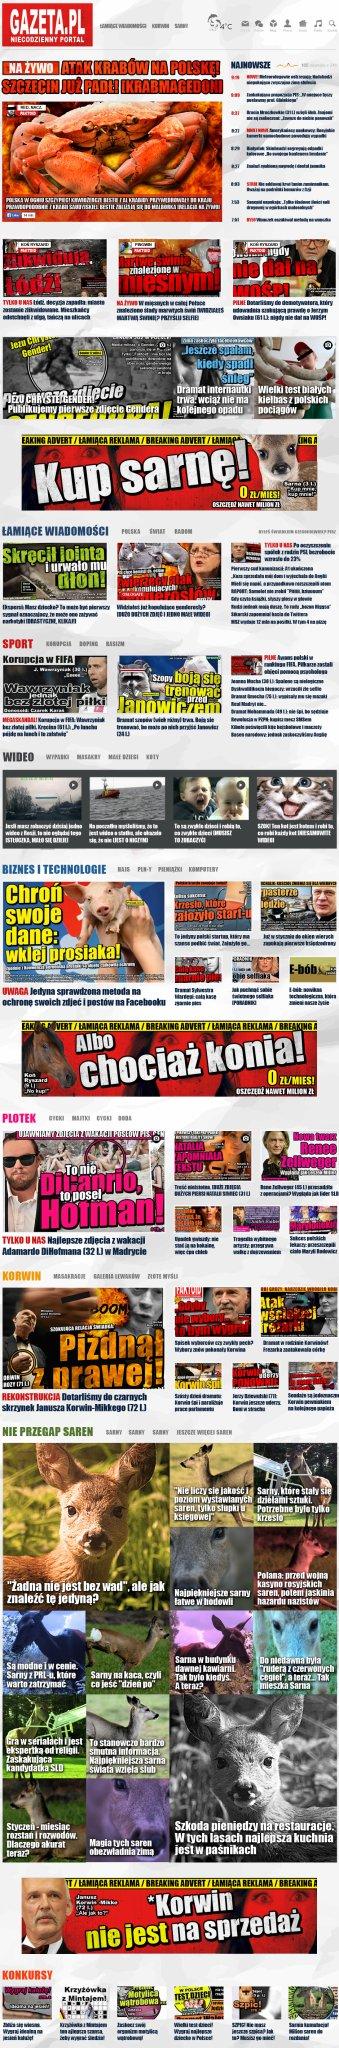 Faktoidowa Gazeta.pl - Gazeta.pl ma od dzisiaj nową stronę główną. Tak by wyglądała, gdyby projektował ją Red. Nacz. (wiek do wiadomości redakcji) - Faktoid